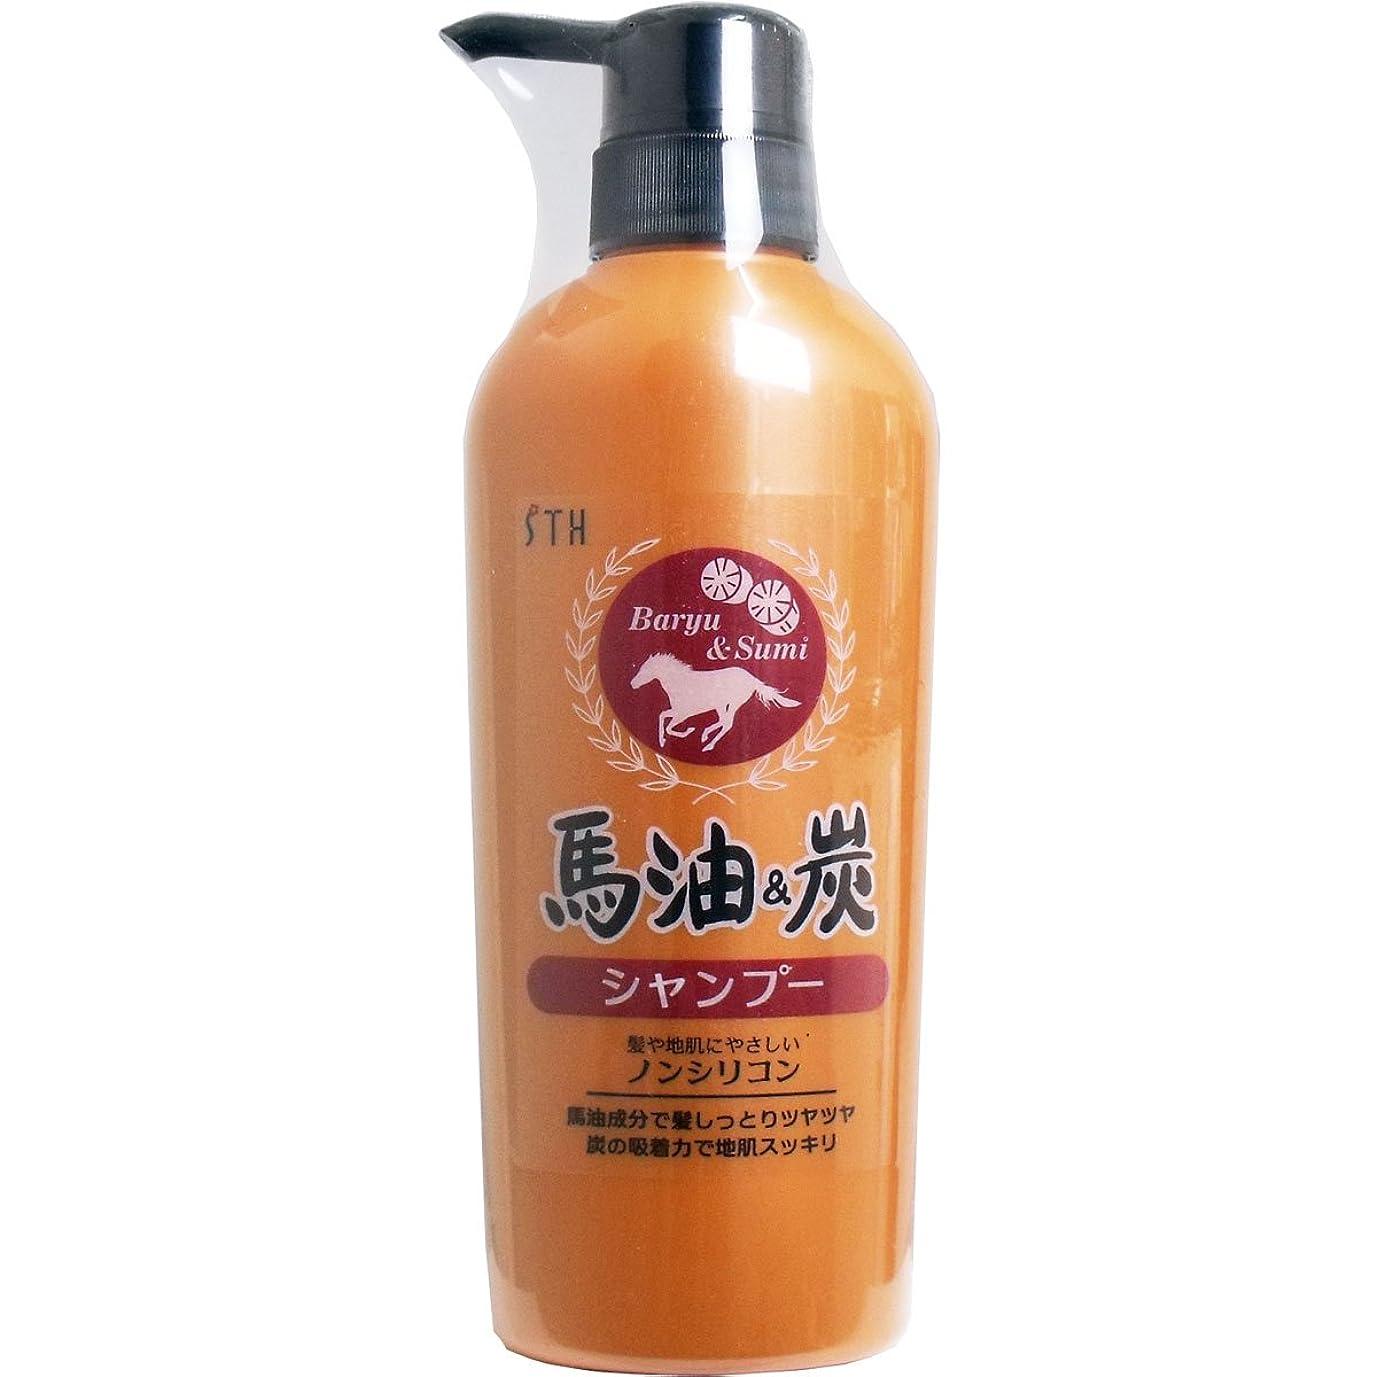 家主支出ホップお風呂 美髪 心満たすリラックスアロマの香り 人気の 馬油&炭 ノンシリコン シャンプー 400mL【1個セット】